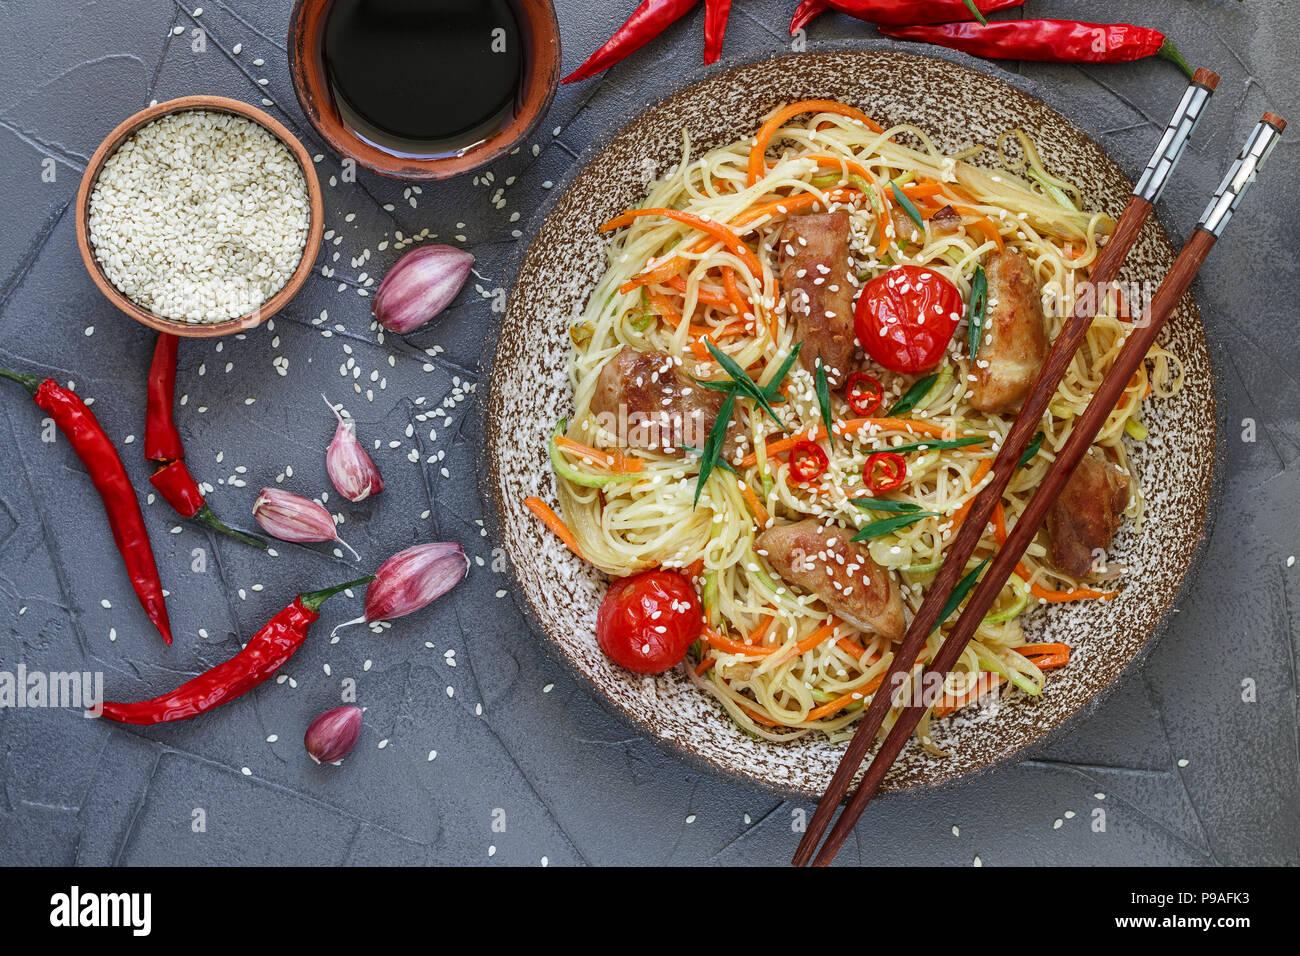 Revuelva de fideos fritos con pollo, hortalizas (tomate, zanahoria, calabacín, ajo, pimiento, cebolla verde), semillas de sésamo y salsa de soja en placa de arcilla. Asian Imagen De Stock